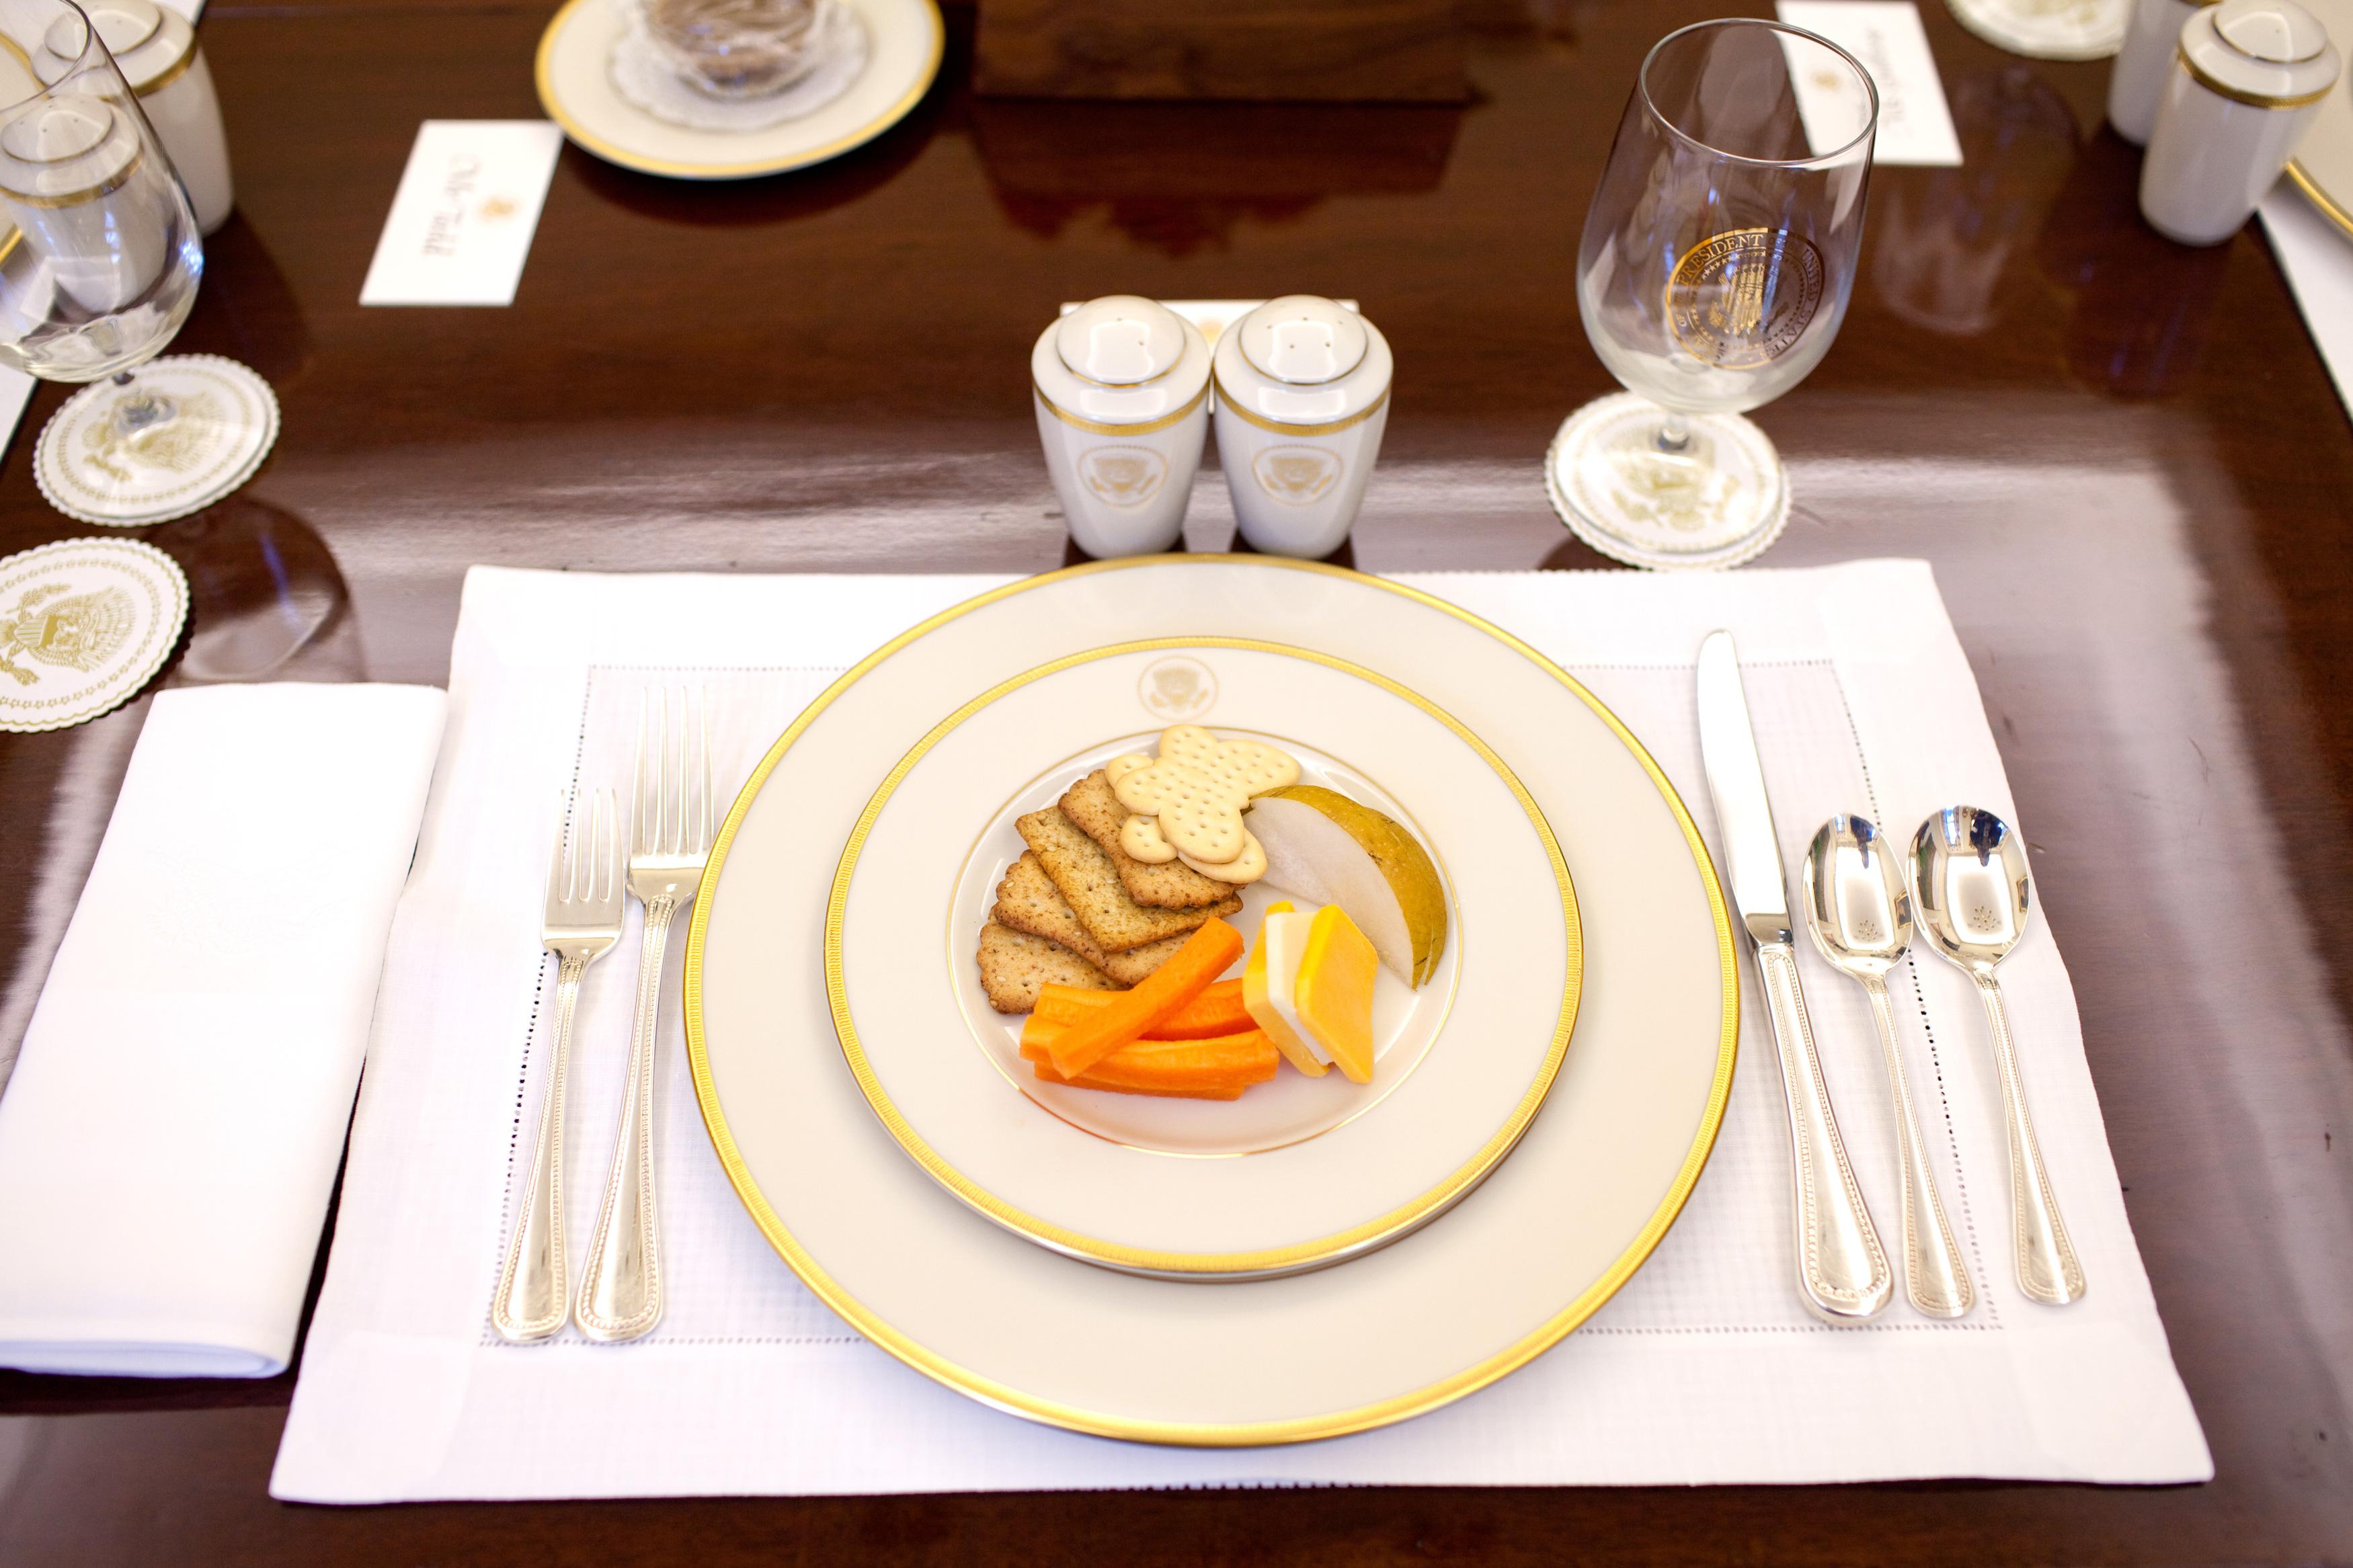 Barack Obamas Food Favorites Revealed in White House Photos : 348483486883571640f5o from visualrecipes.com size 3500 x 2333 jpeg 1727kB